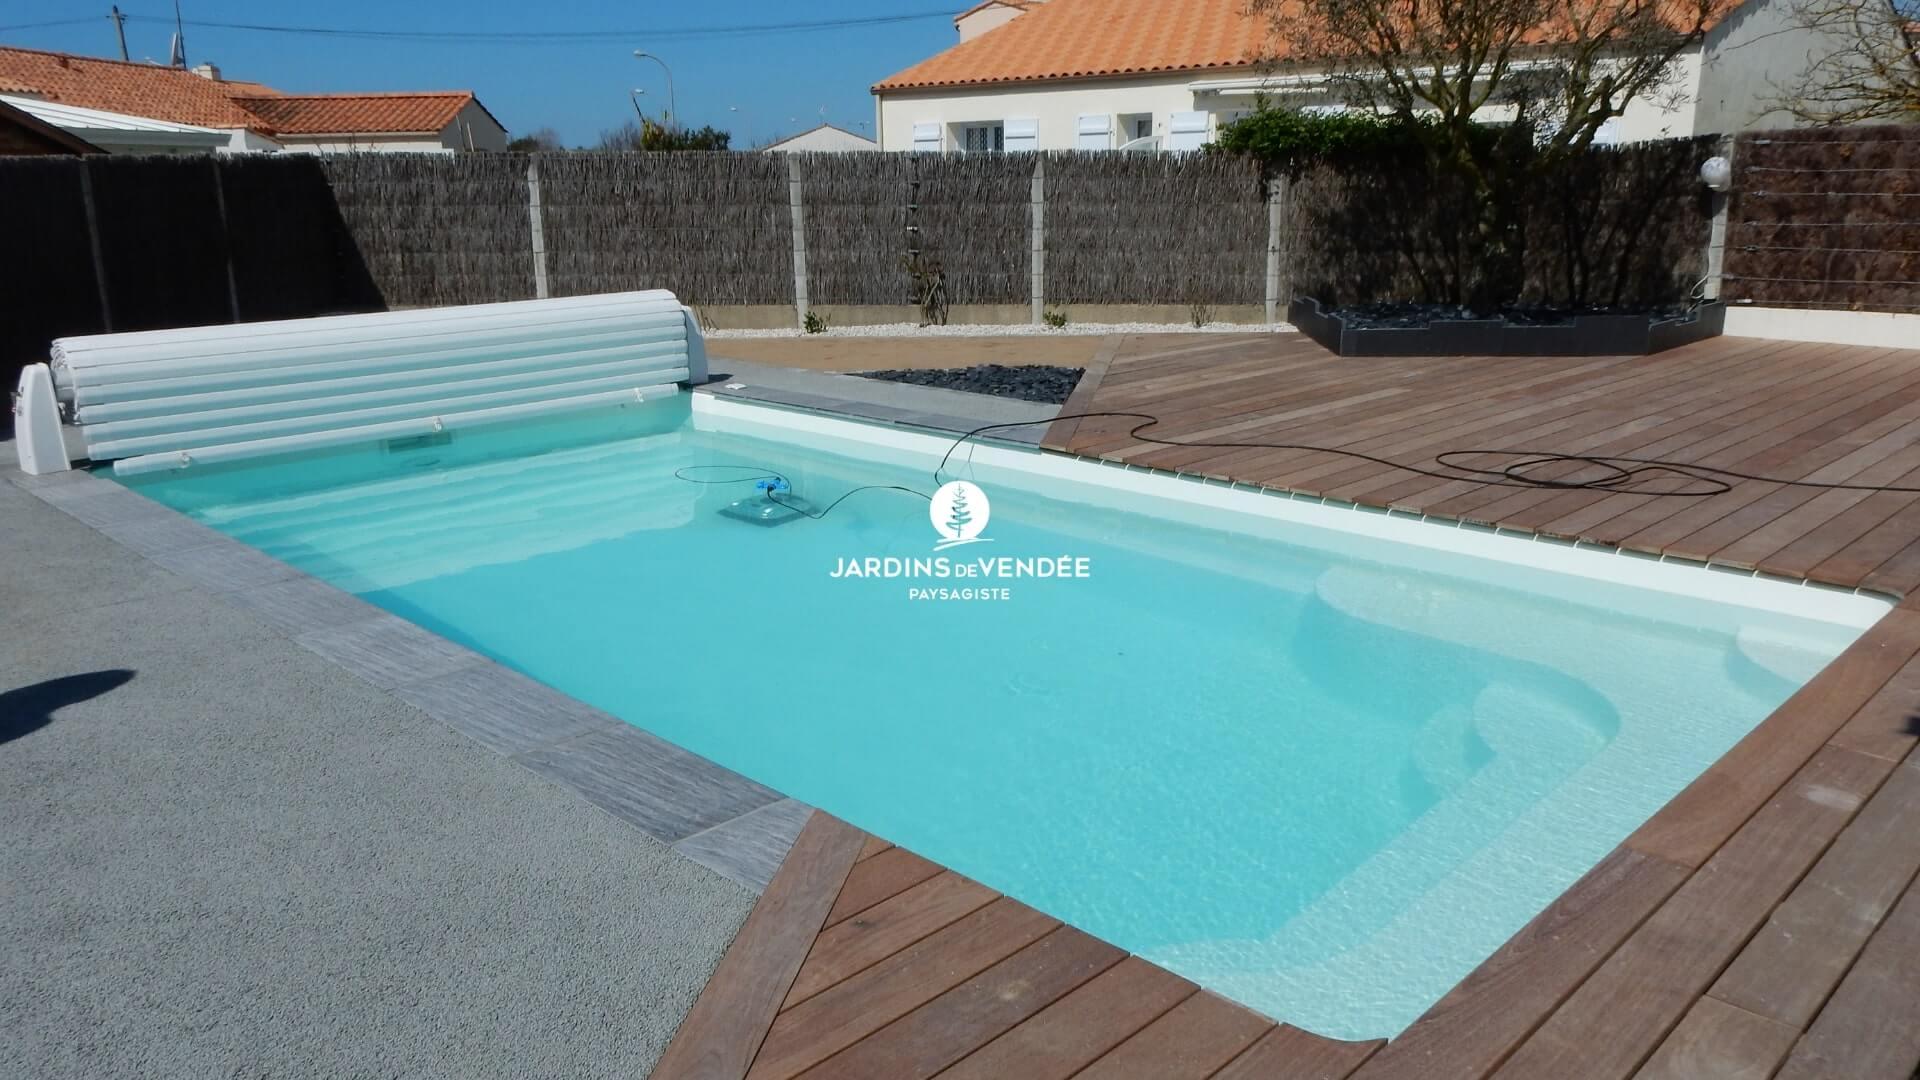 jardins-de-vendee-realisations-piscines-bassins(28)